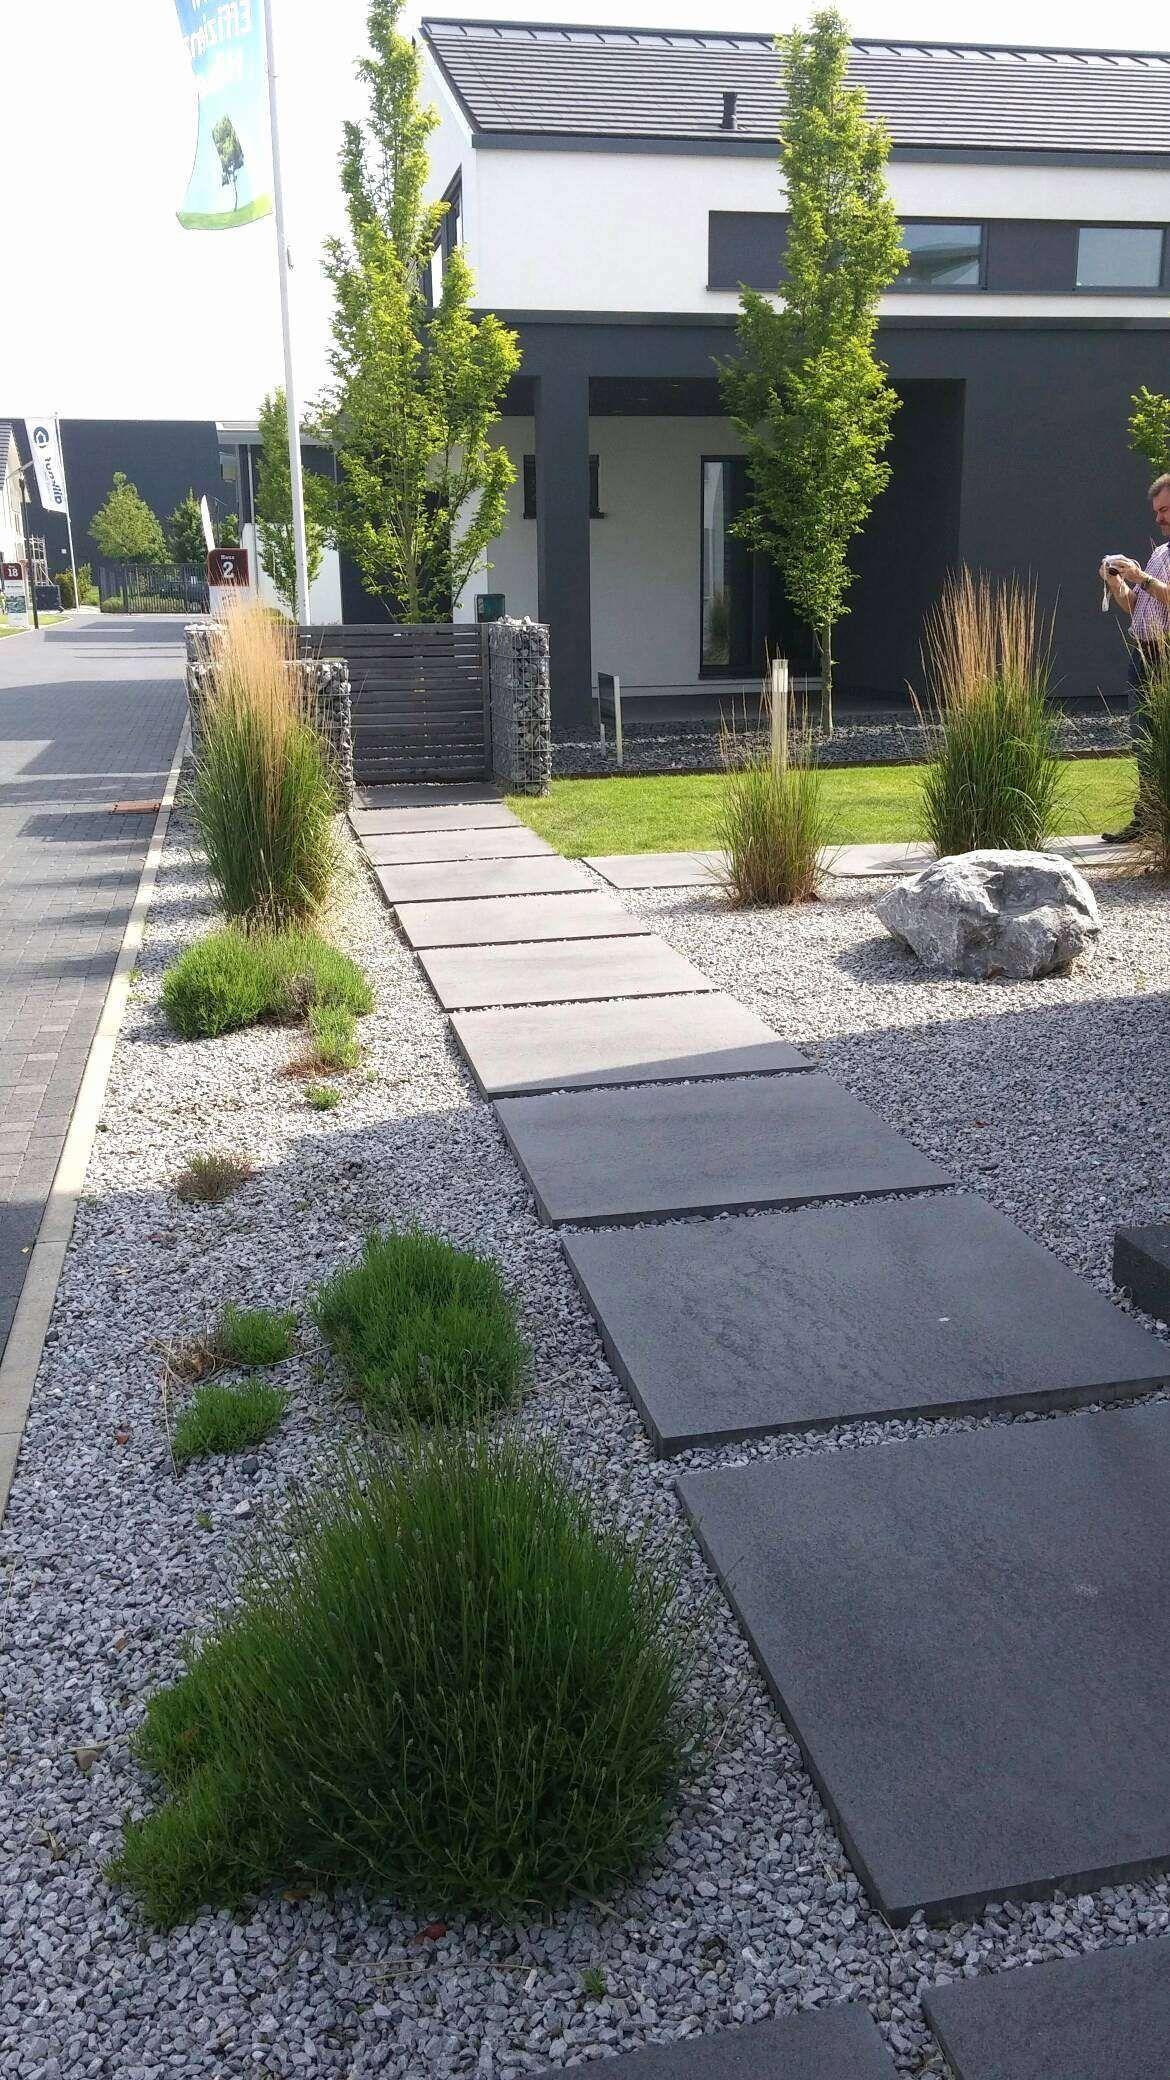 Holz Im Garten Schön Garten Ideas Garten Anlegen Lovely Aussenleuchten Garten 0d